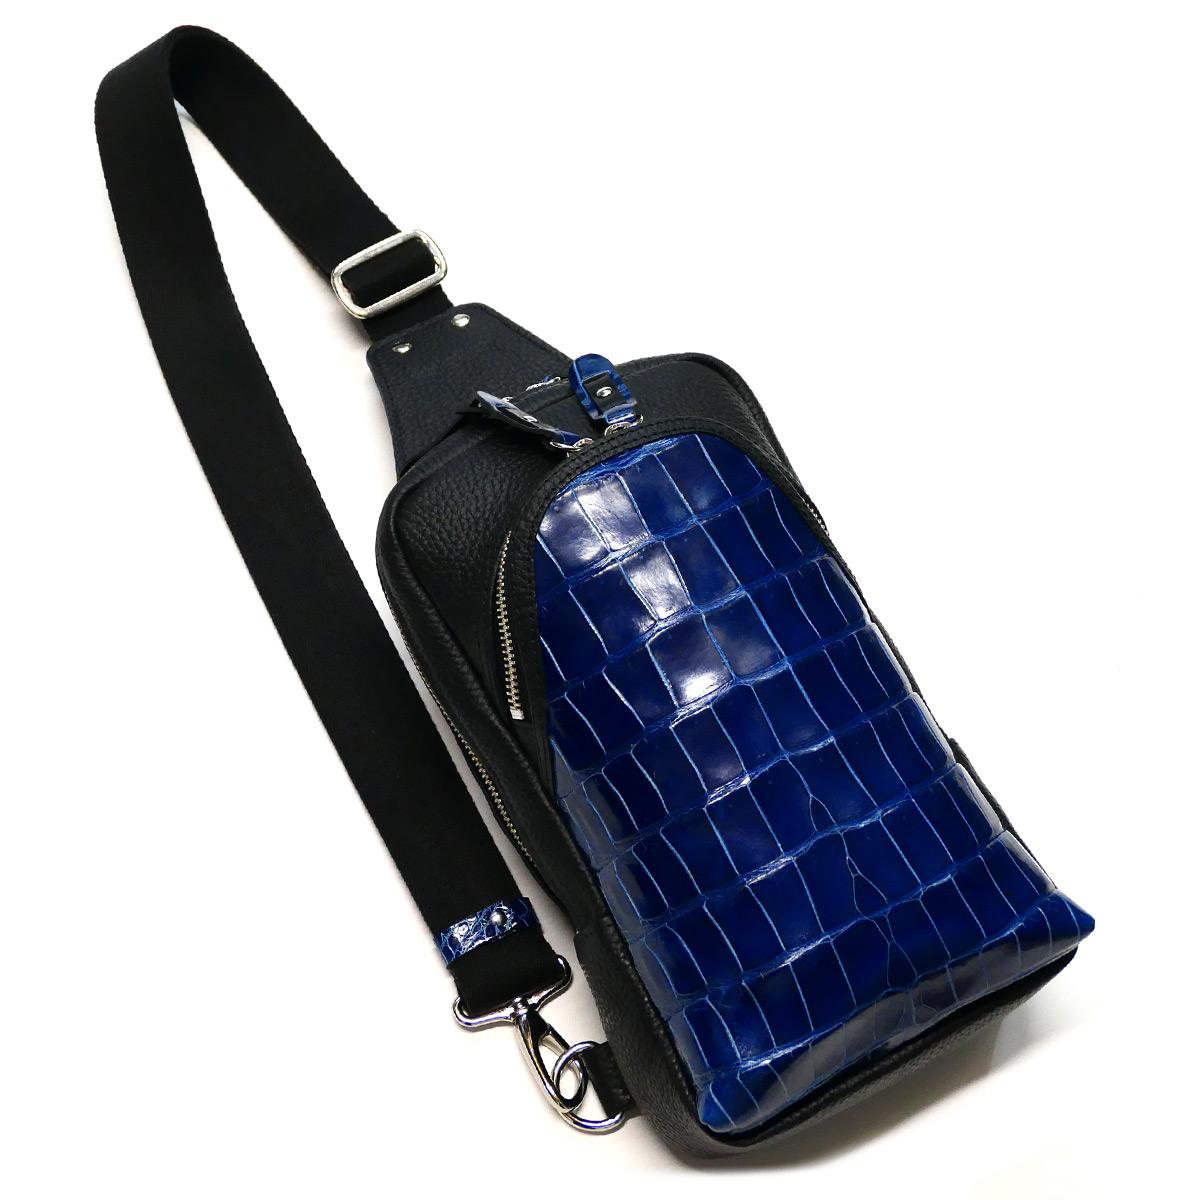 クロコダイル革 ワニ革 本革 ボディーバック ワンショルダーバッグ メンズ 斜めがけ 大容量 グレージング 藍染 2